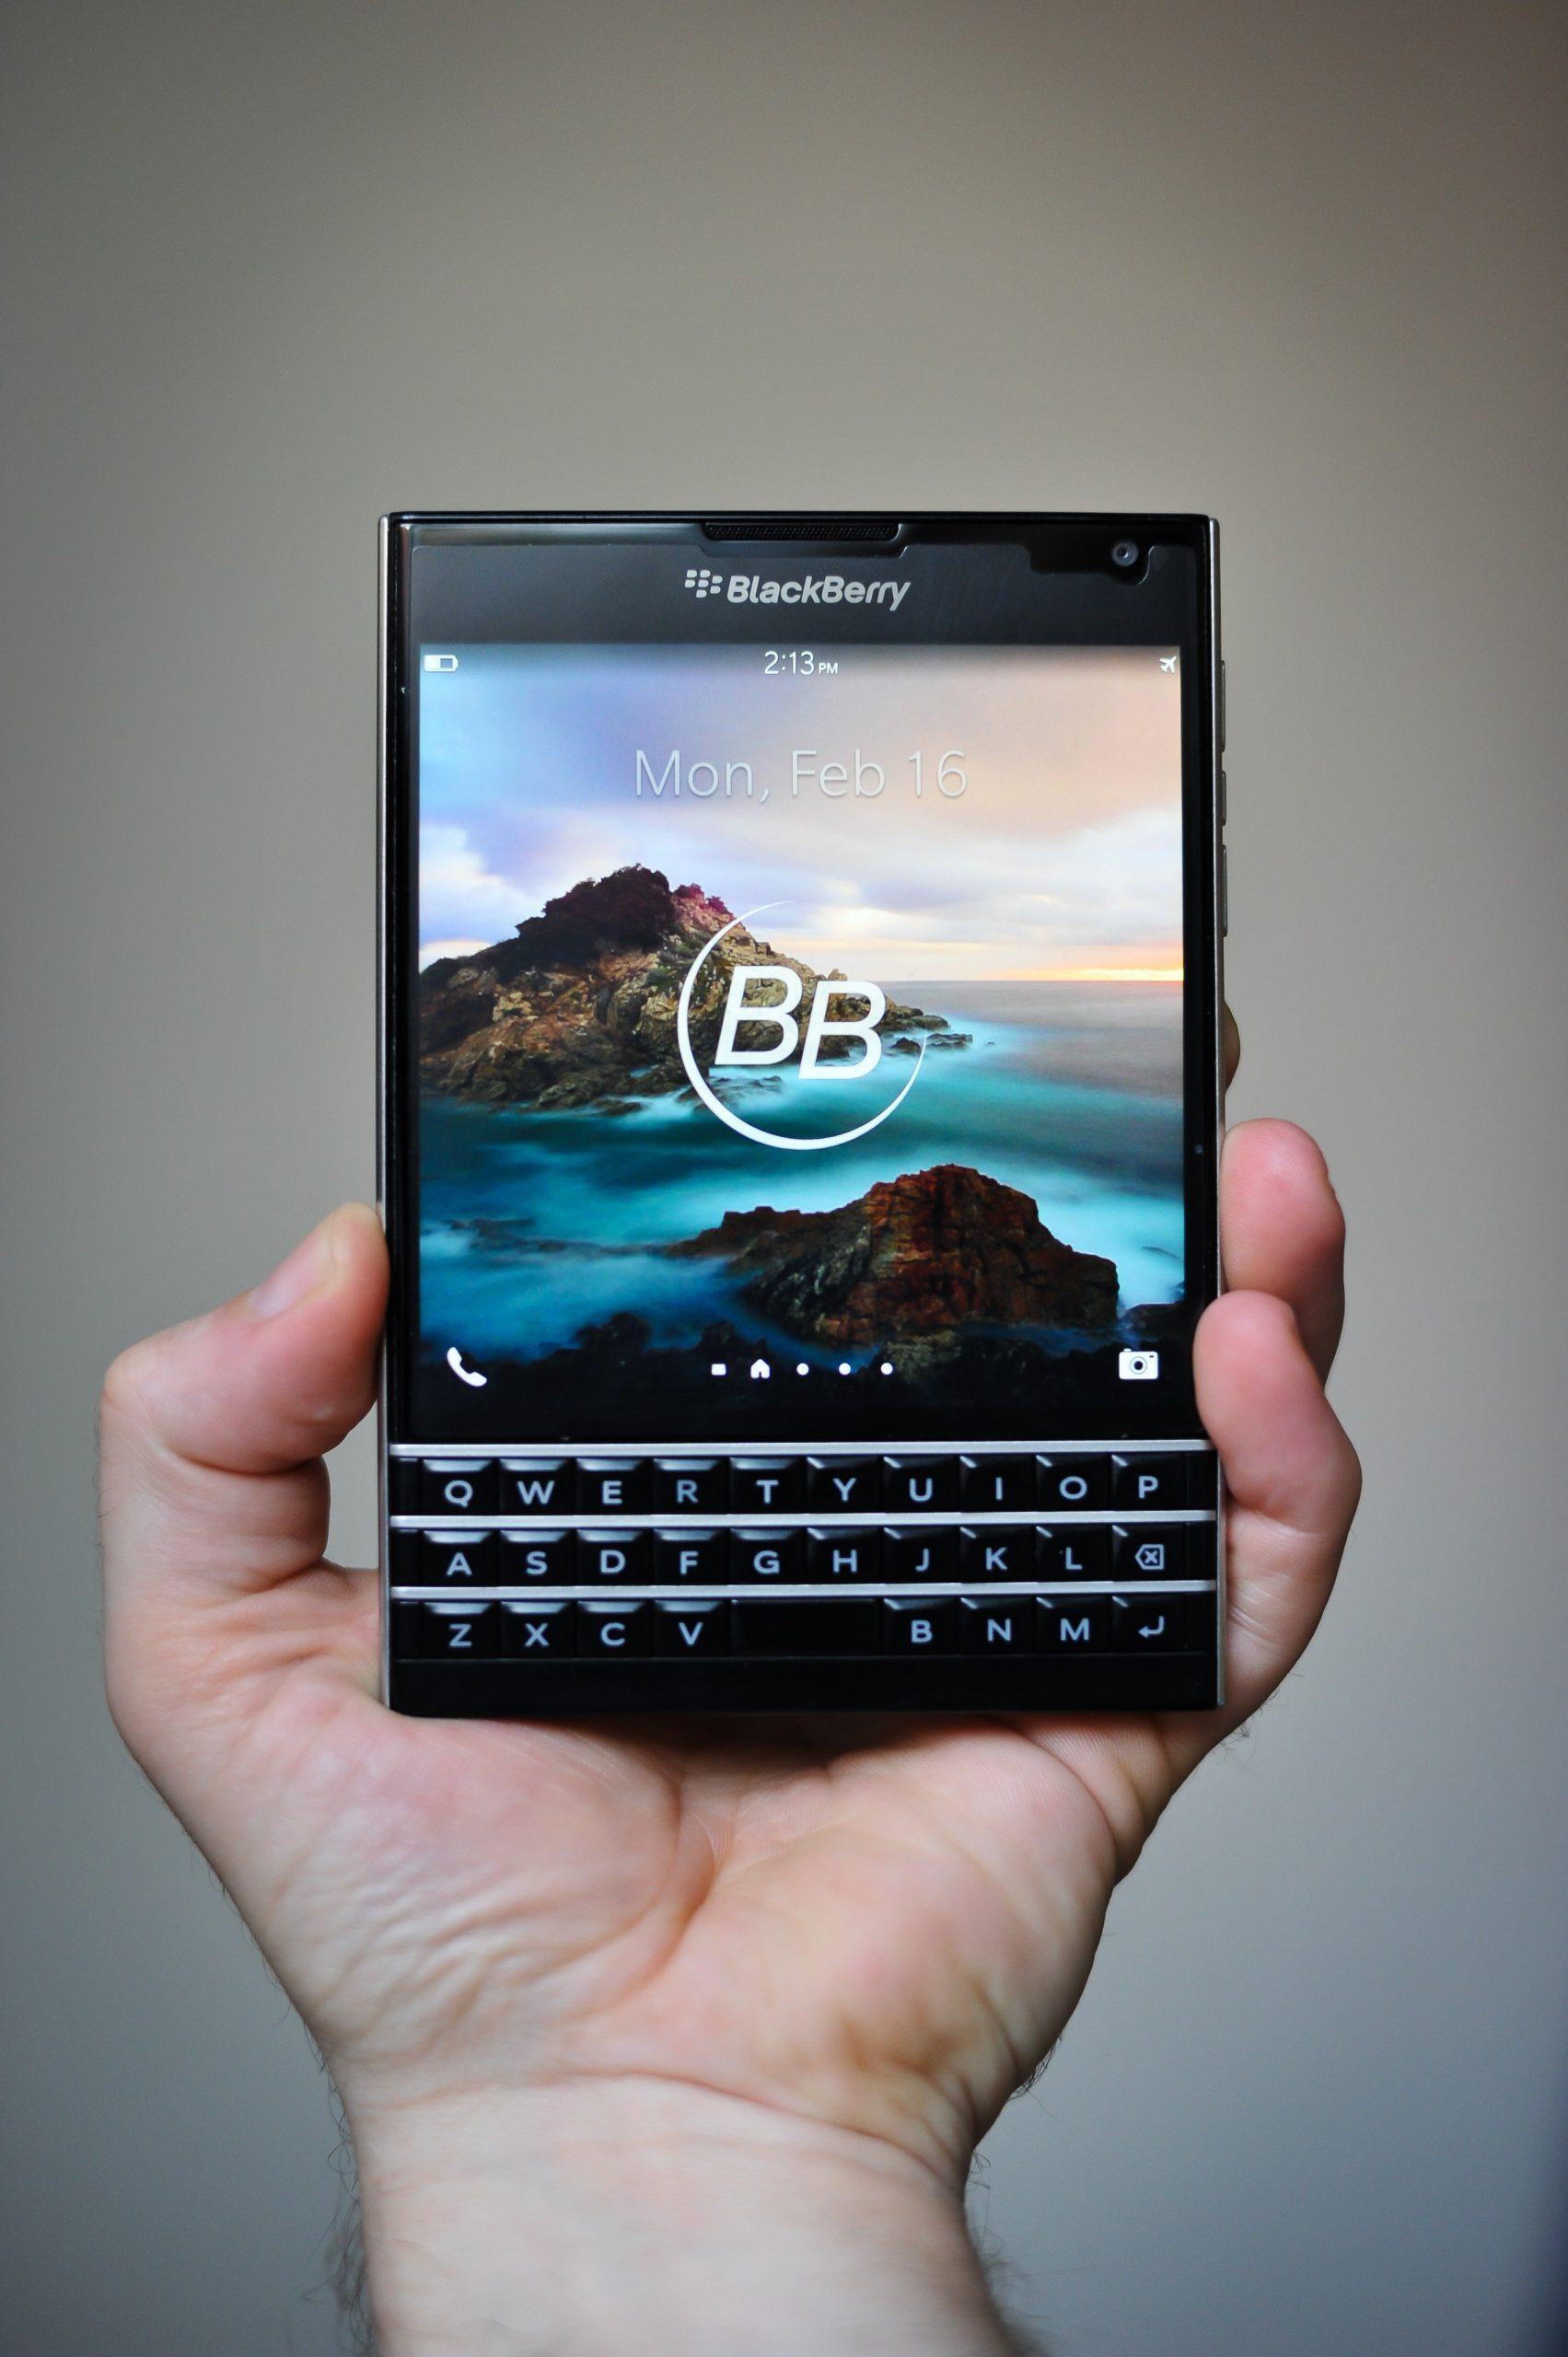 blackberry-mobile (2)